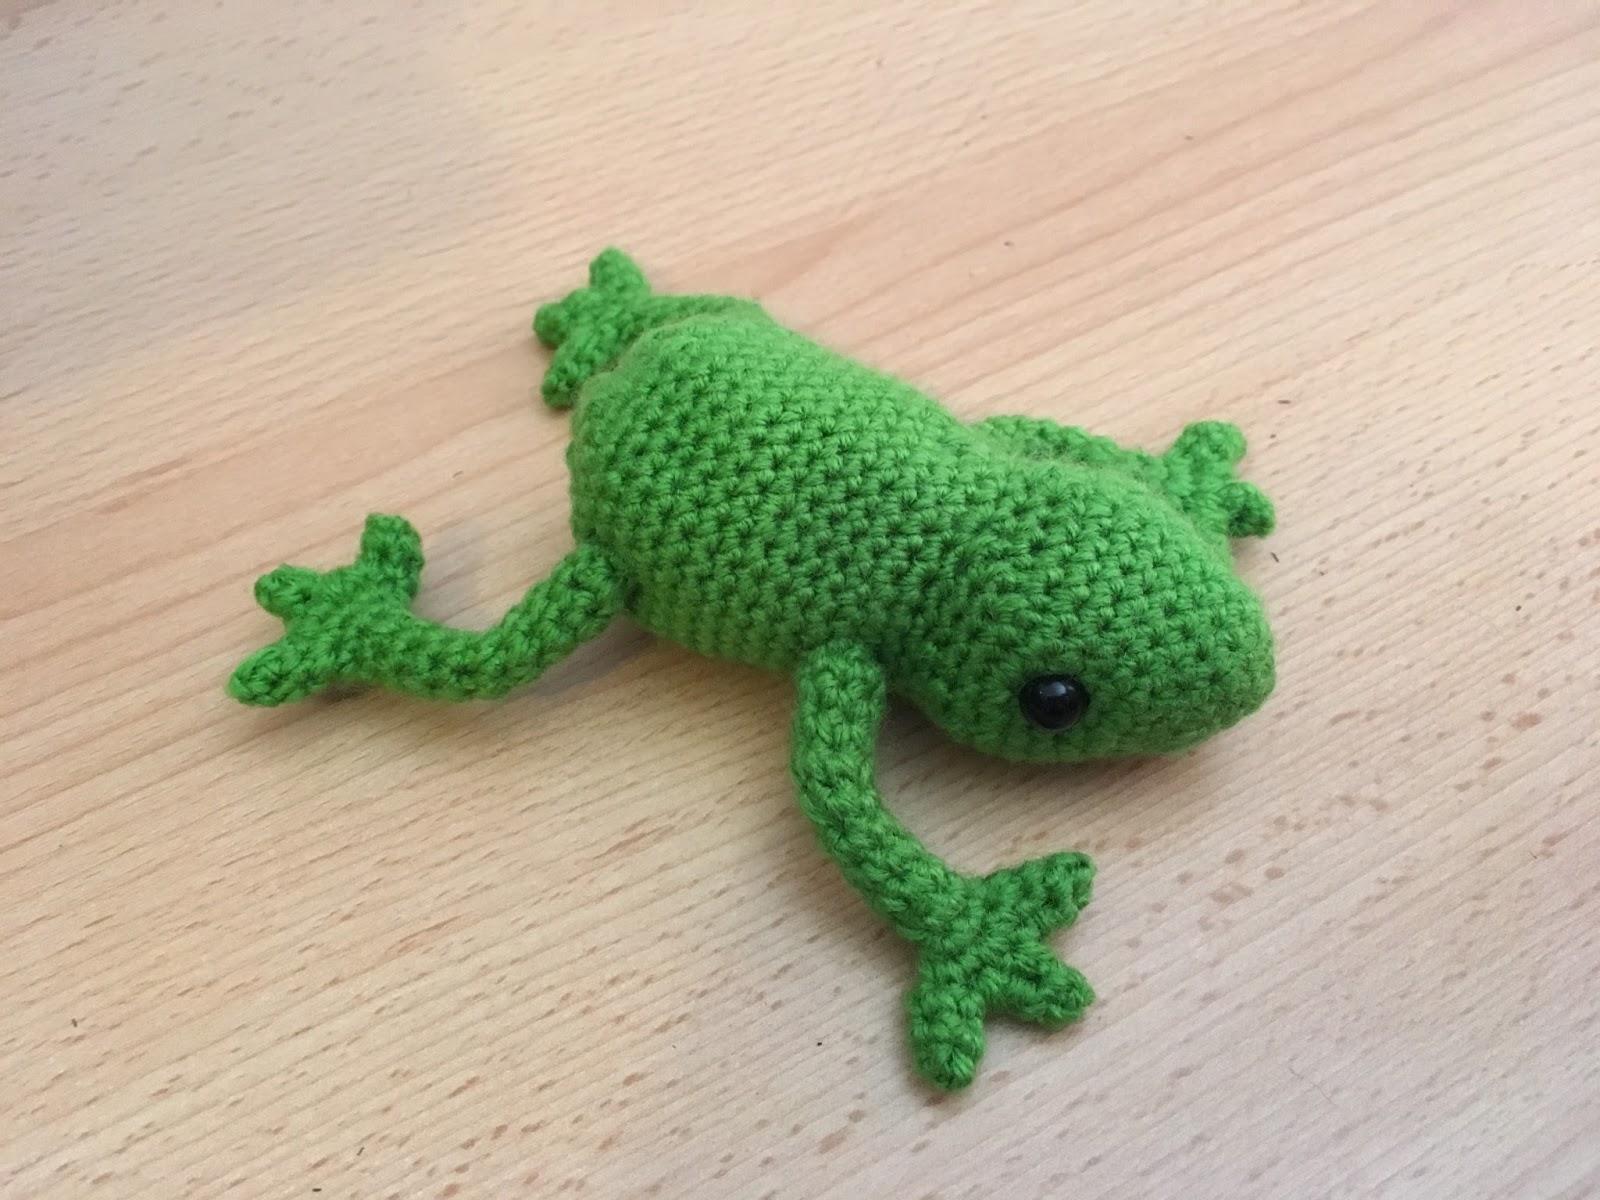 Tutorial: Tree frog | Crochet frog, Crochet tree, Crochet patterns ... | 1200x1600